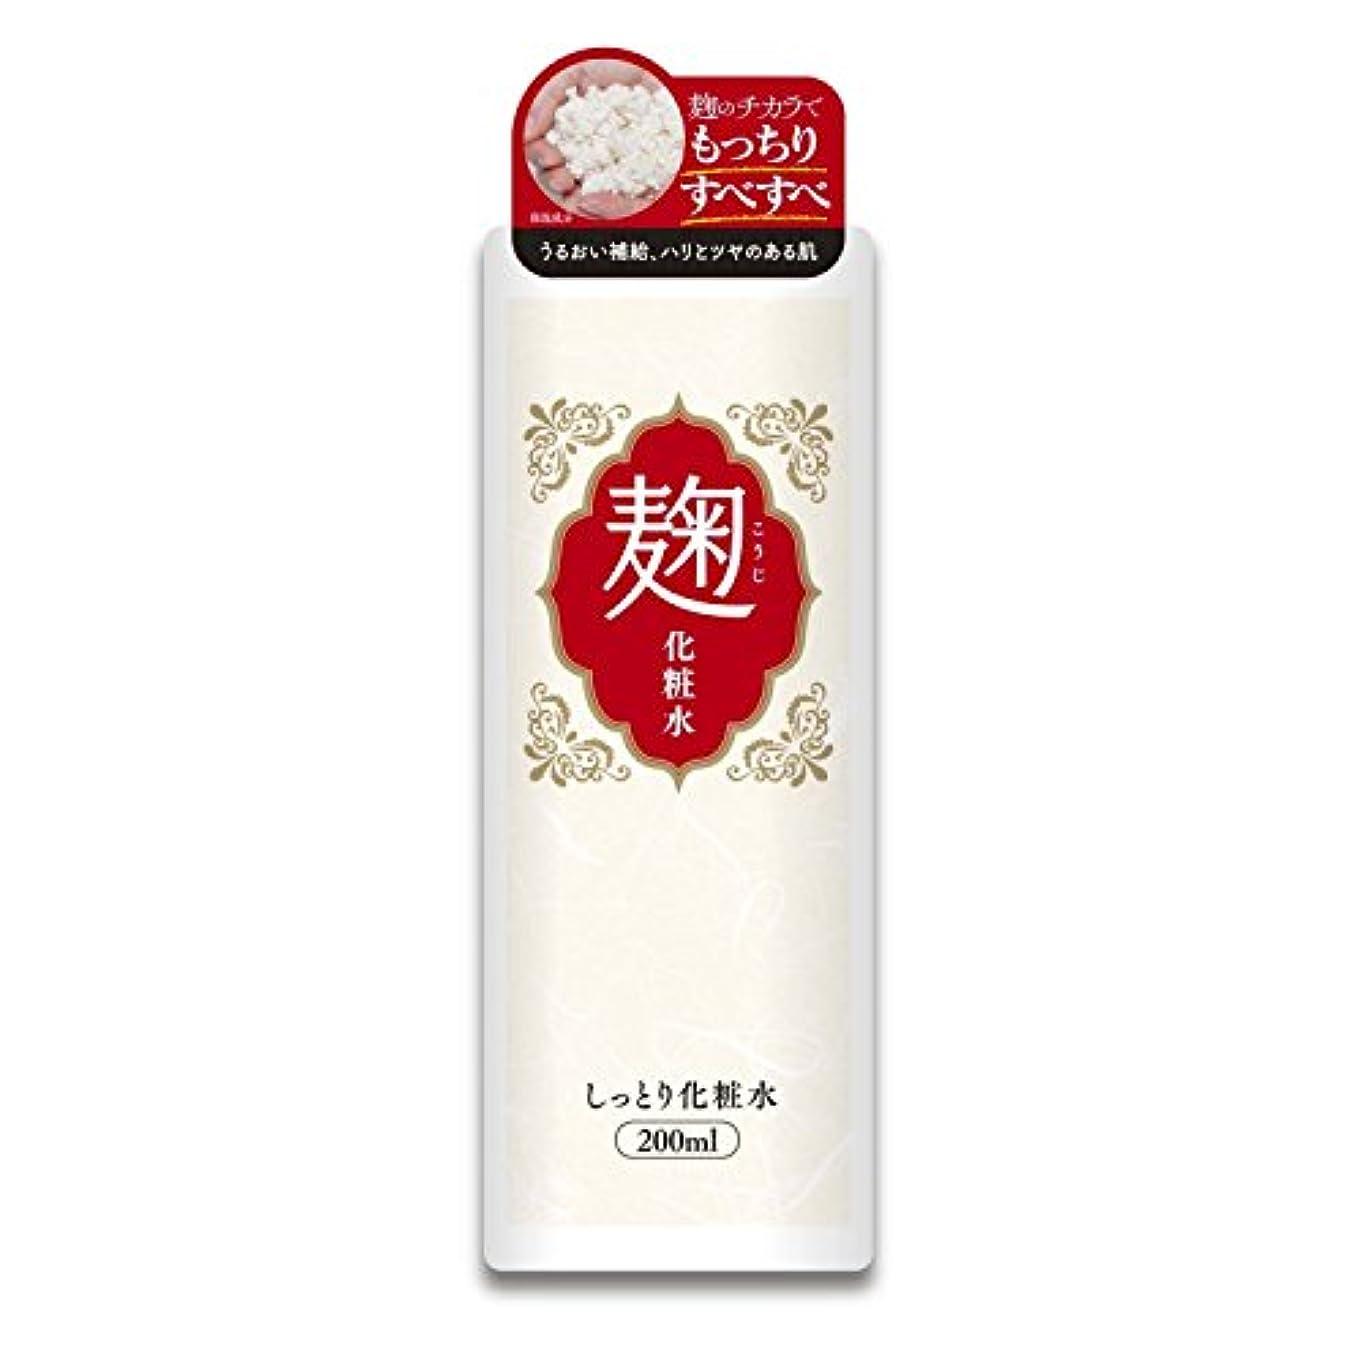 イデオロギー高度な役立つユゼ 麹配合美肌しっとり化粧水 200mL